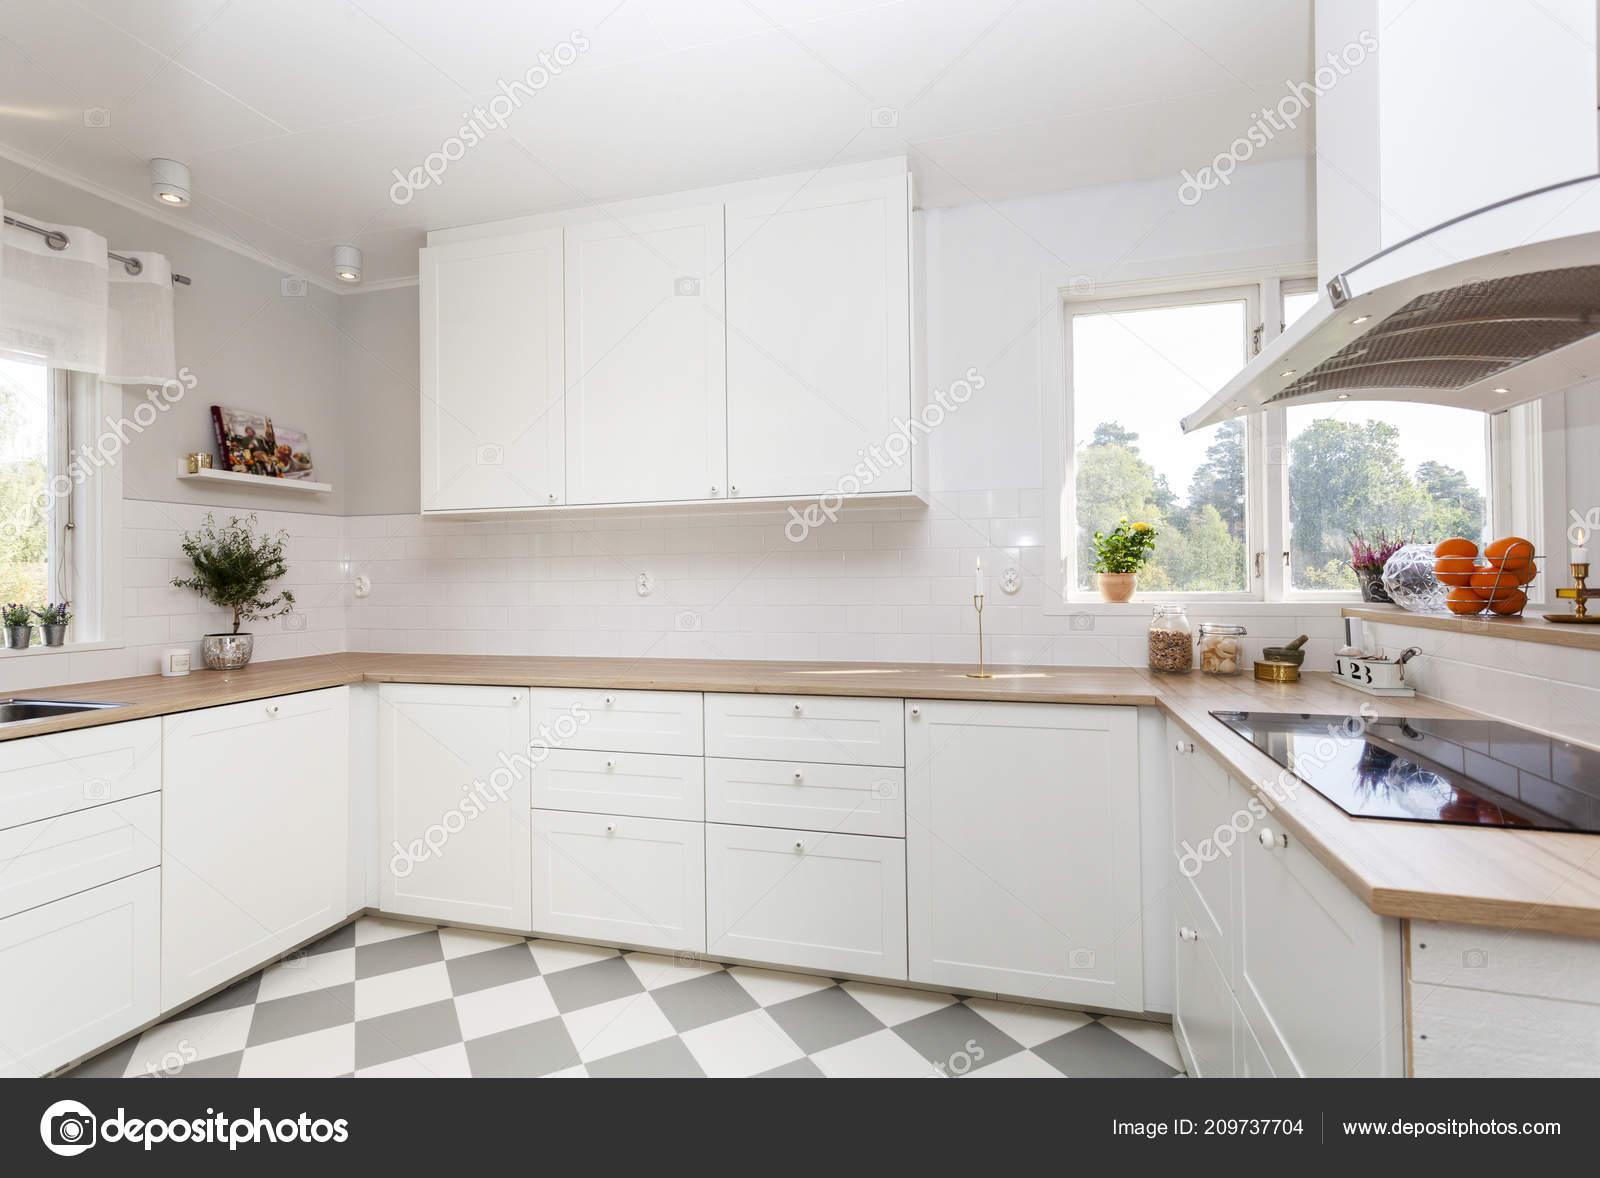 Interiore Fantasia Della Cucina Con Pavimento Controllato — Foto ...